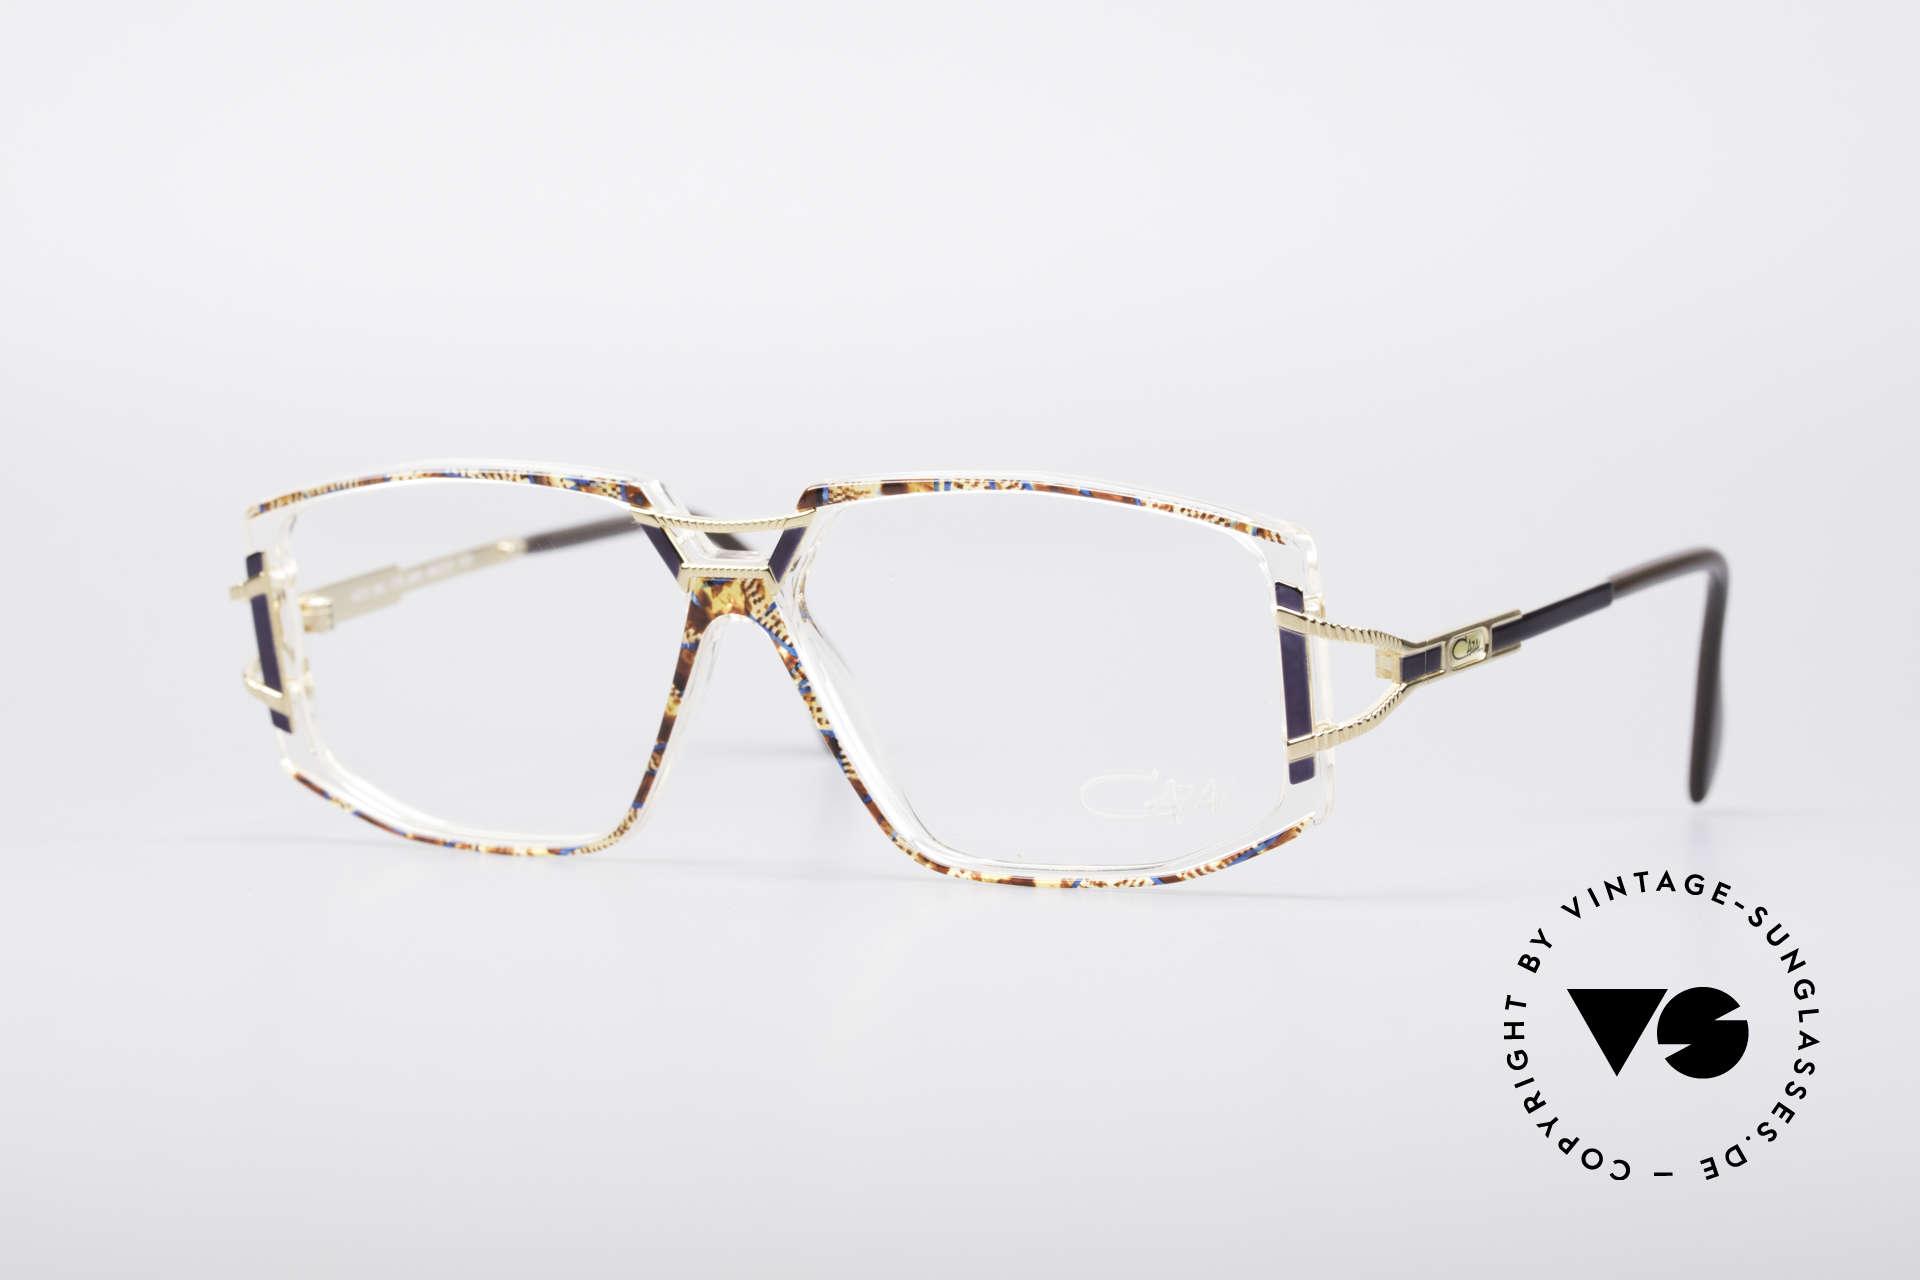 Cazal 362 No Retro 90er Vintage Brille, schmuckvolles Cazal Design der frühen 90er Jahre, Passend für Damen